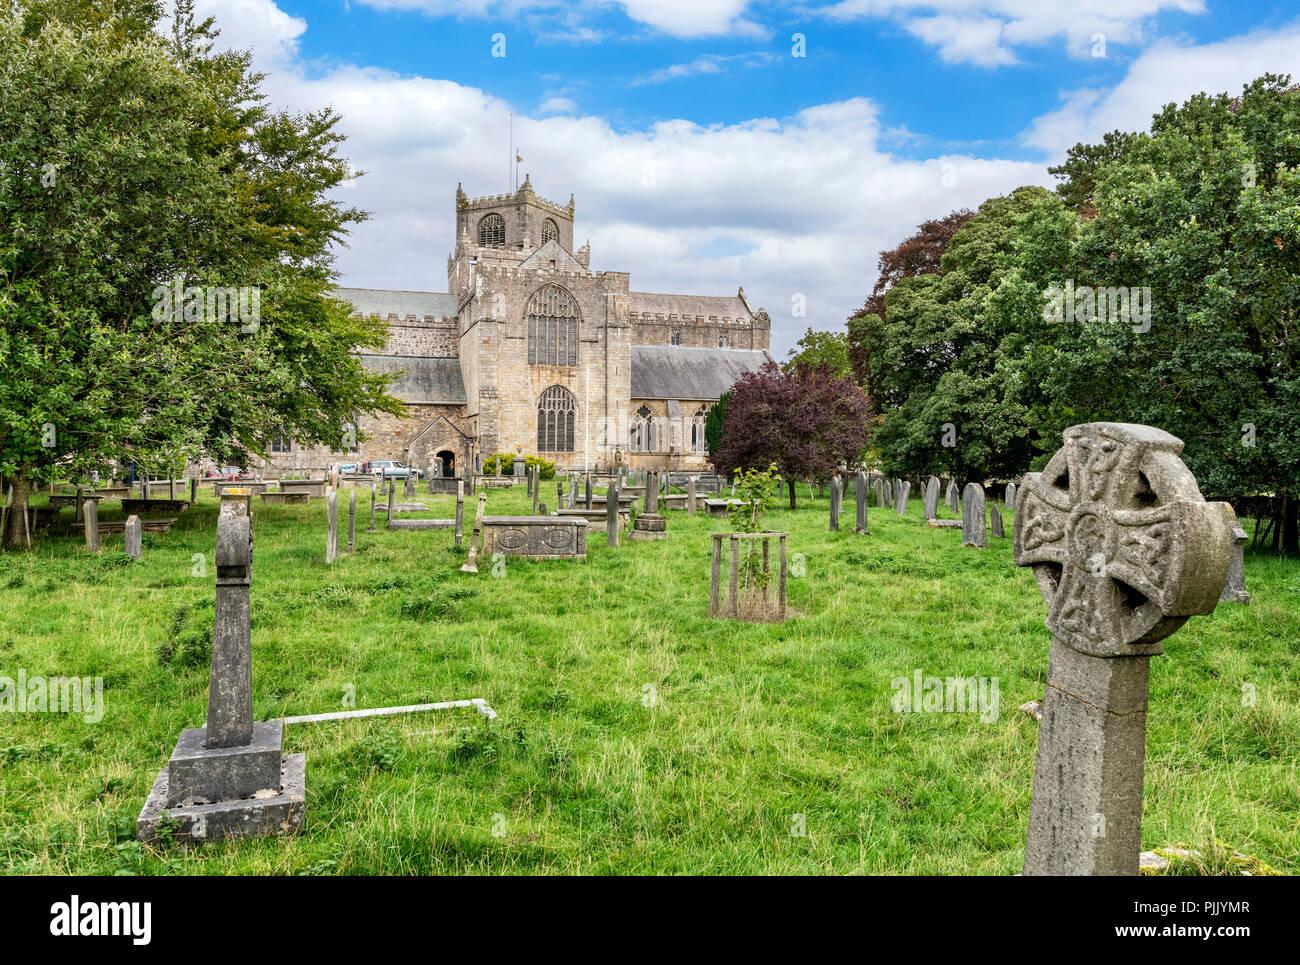 Cartmel Priory church and graveyard, Cartmel, Cumbria, England, UK - Stock Image